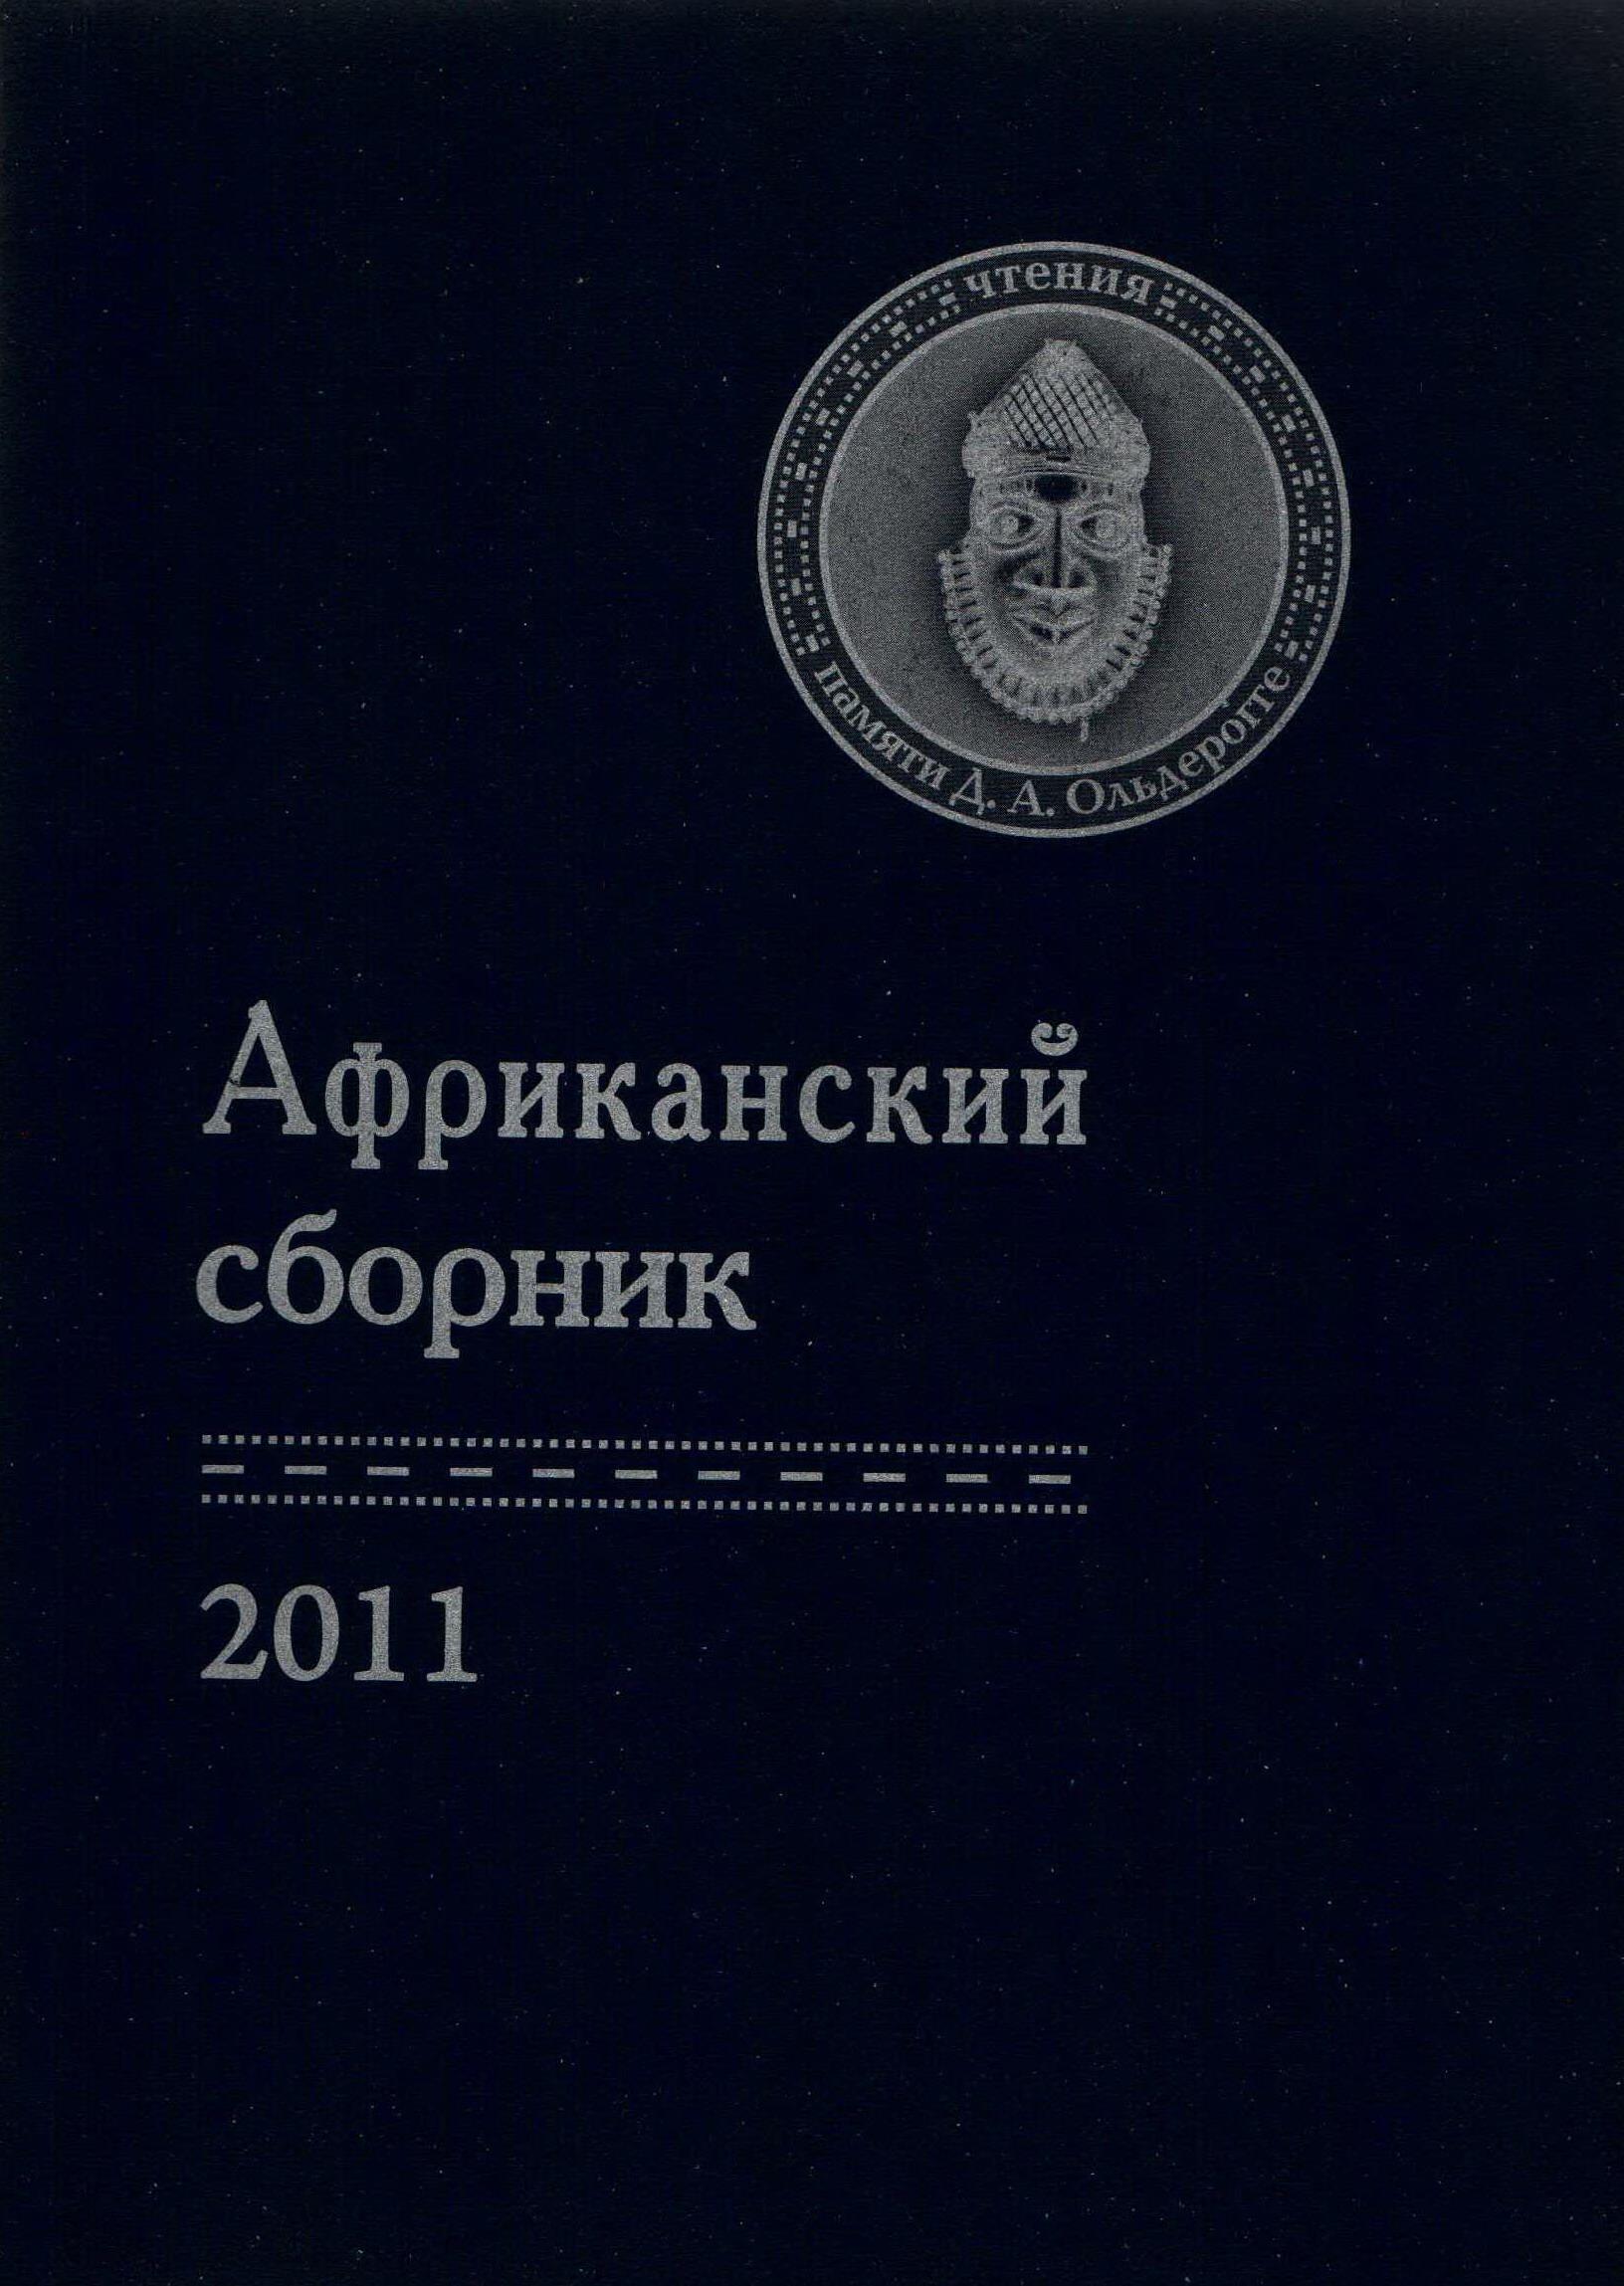 Африканский сборник - 2011